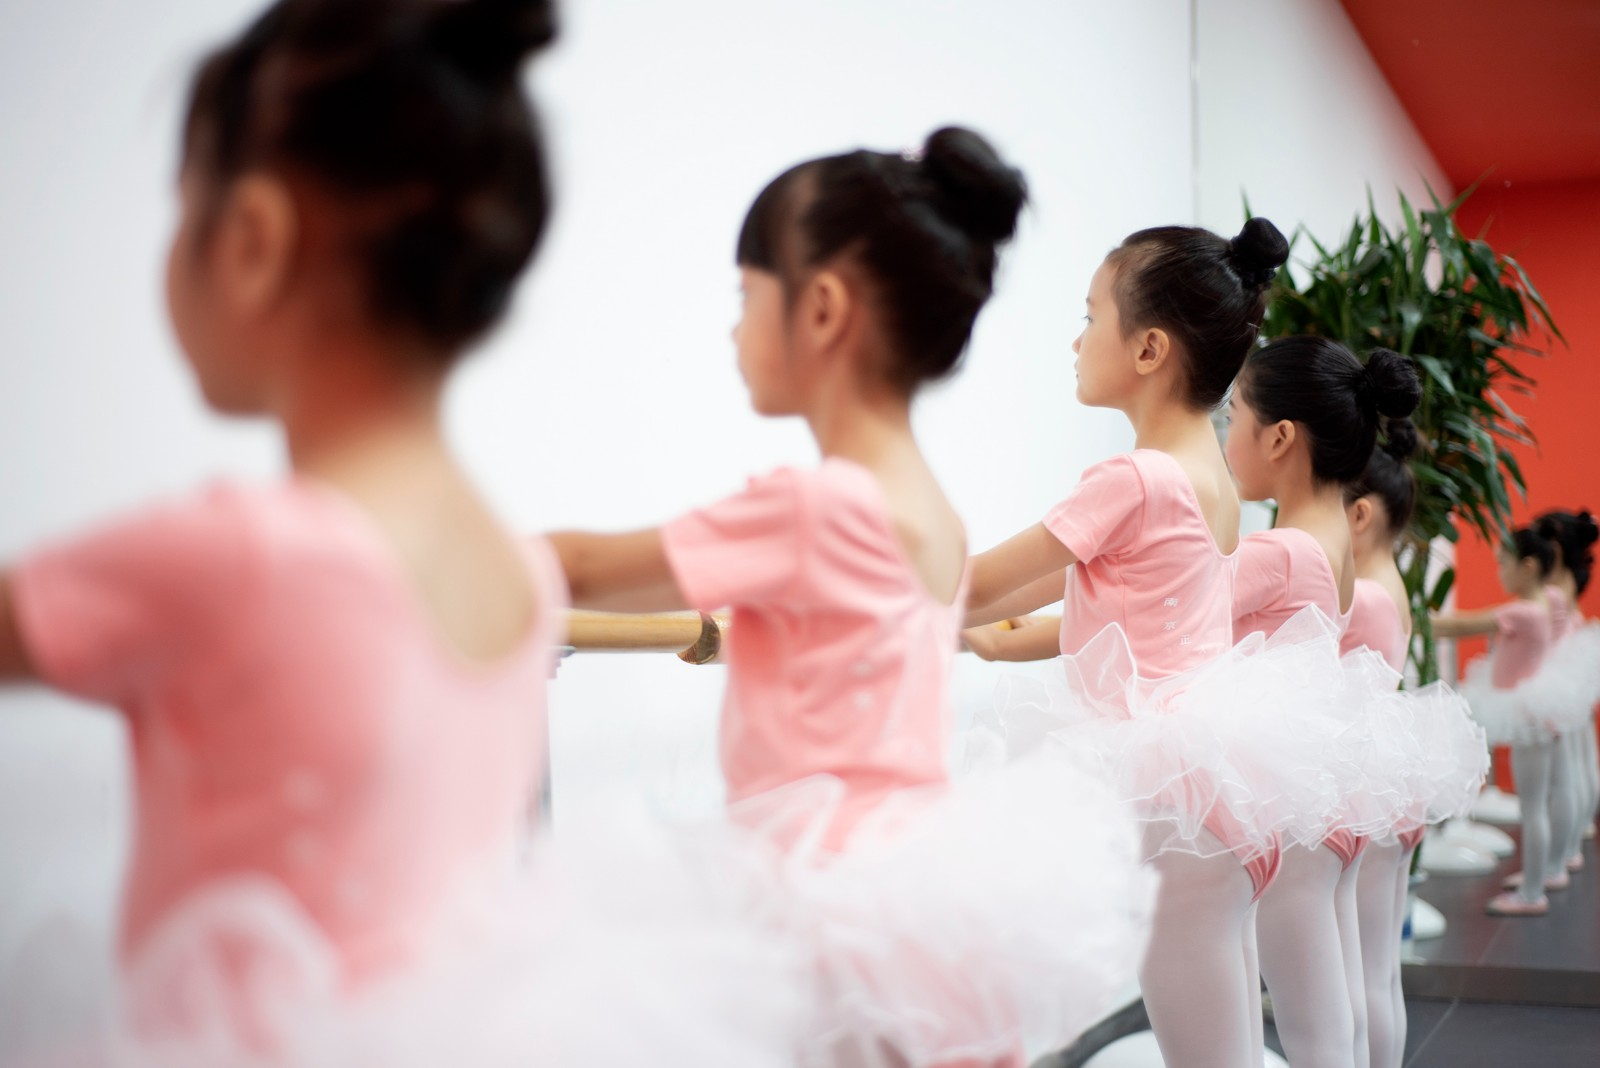 孩子学跳舞,跳跳就可以了为什么要考级